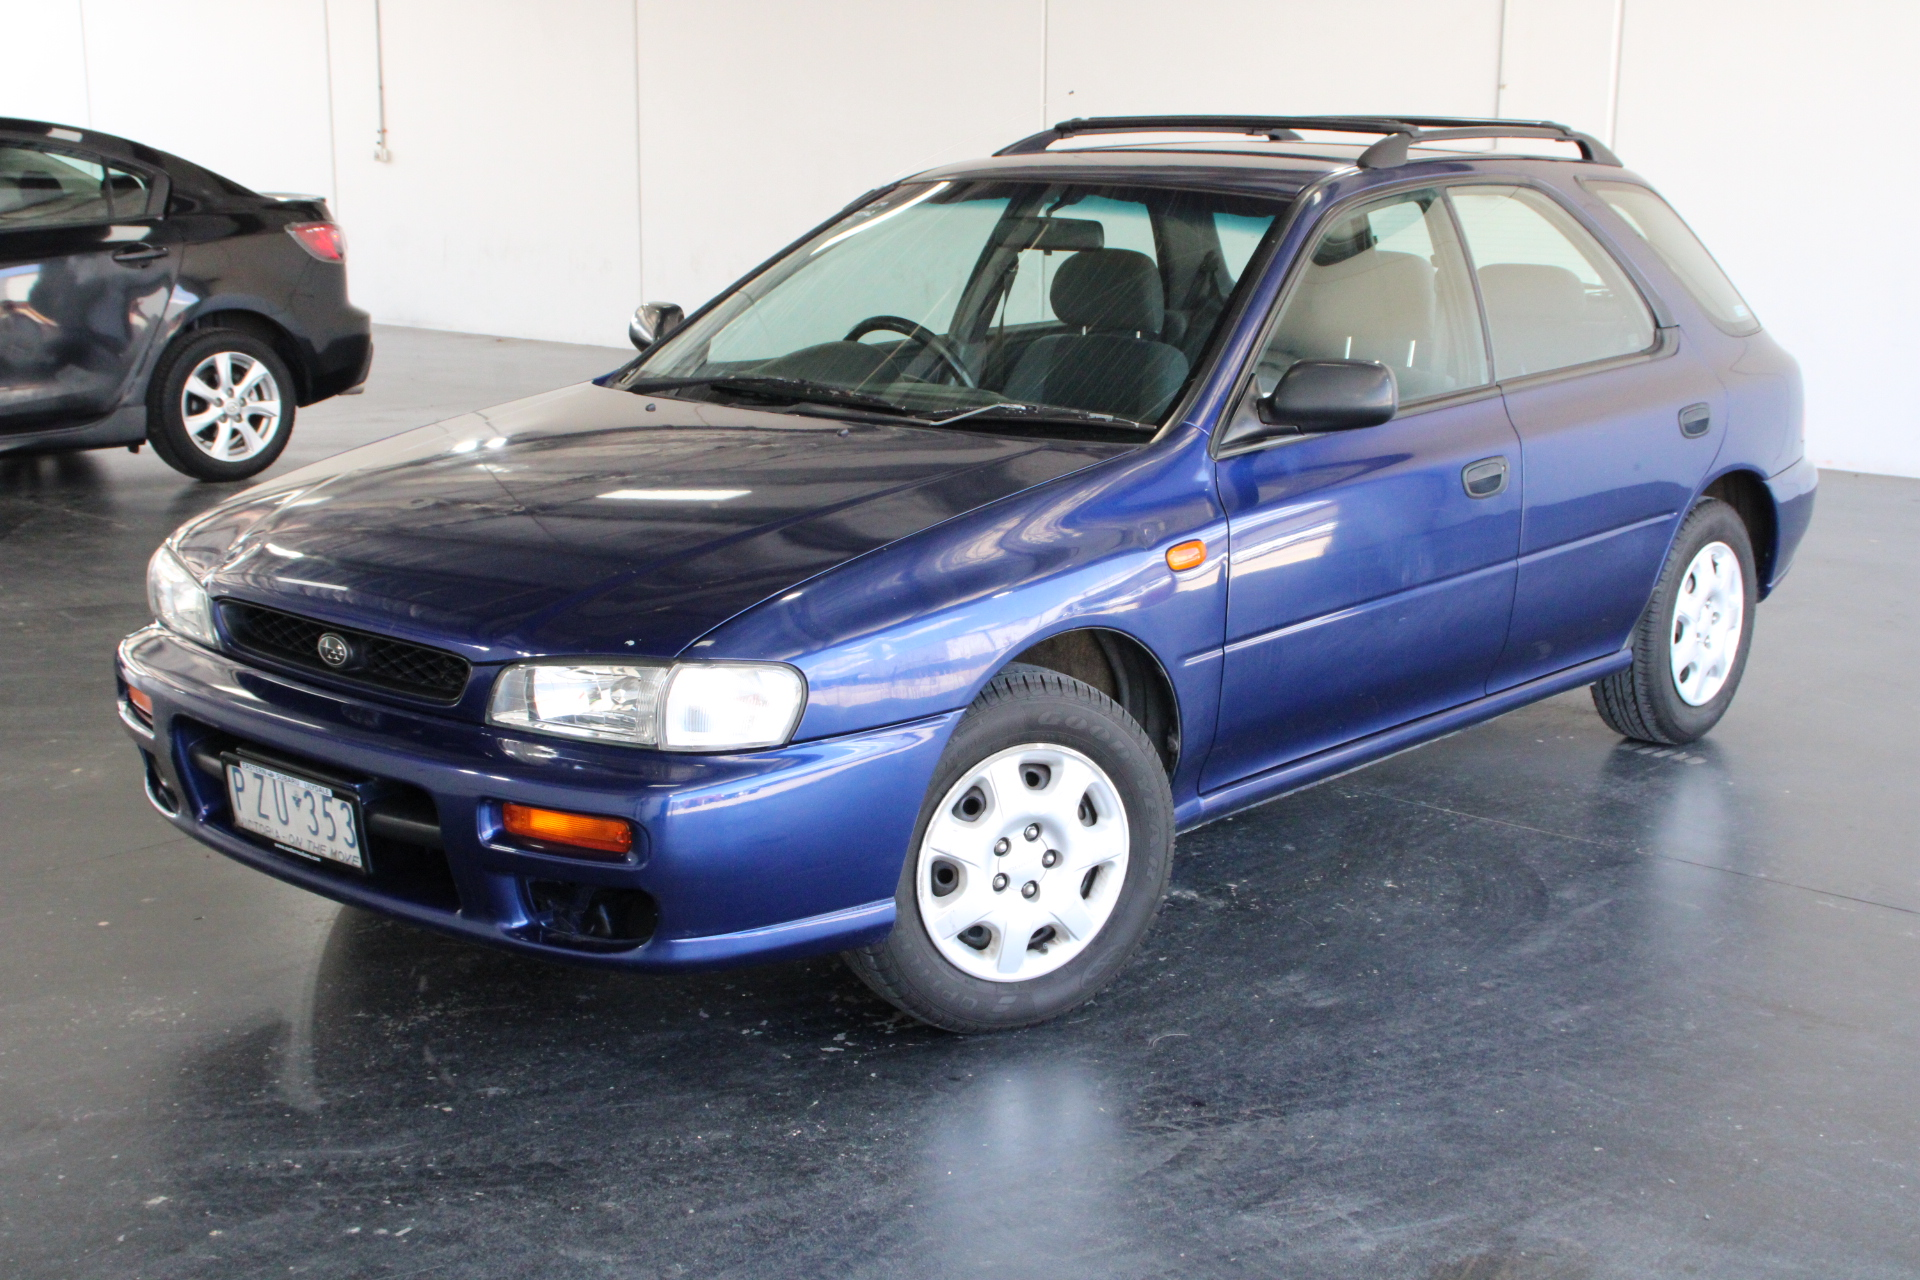 1999 Subaru Impreza GX (AWD) Automatic Hatchback